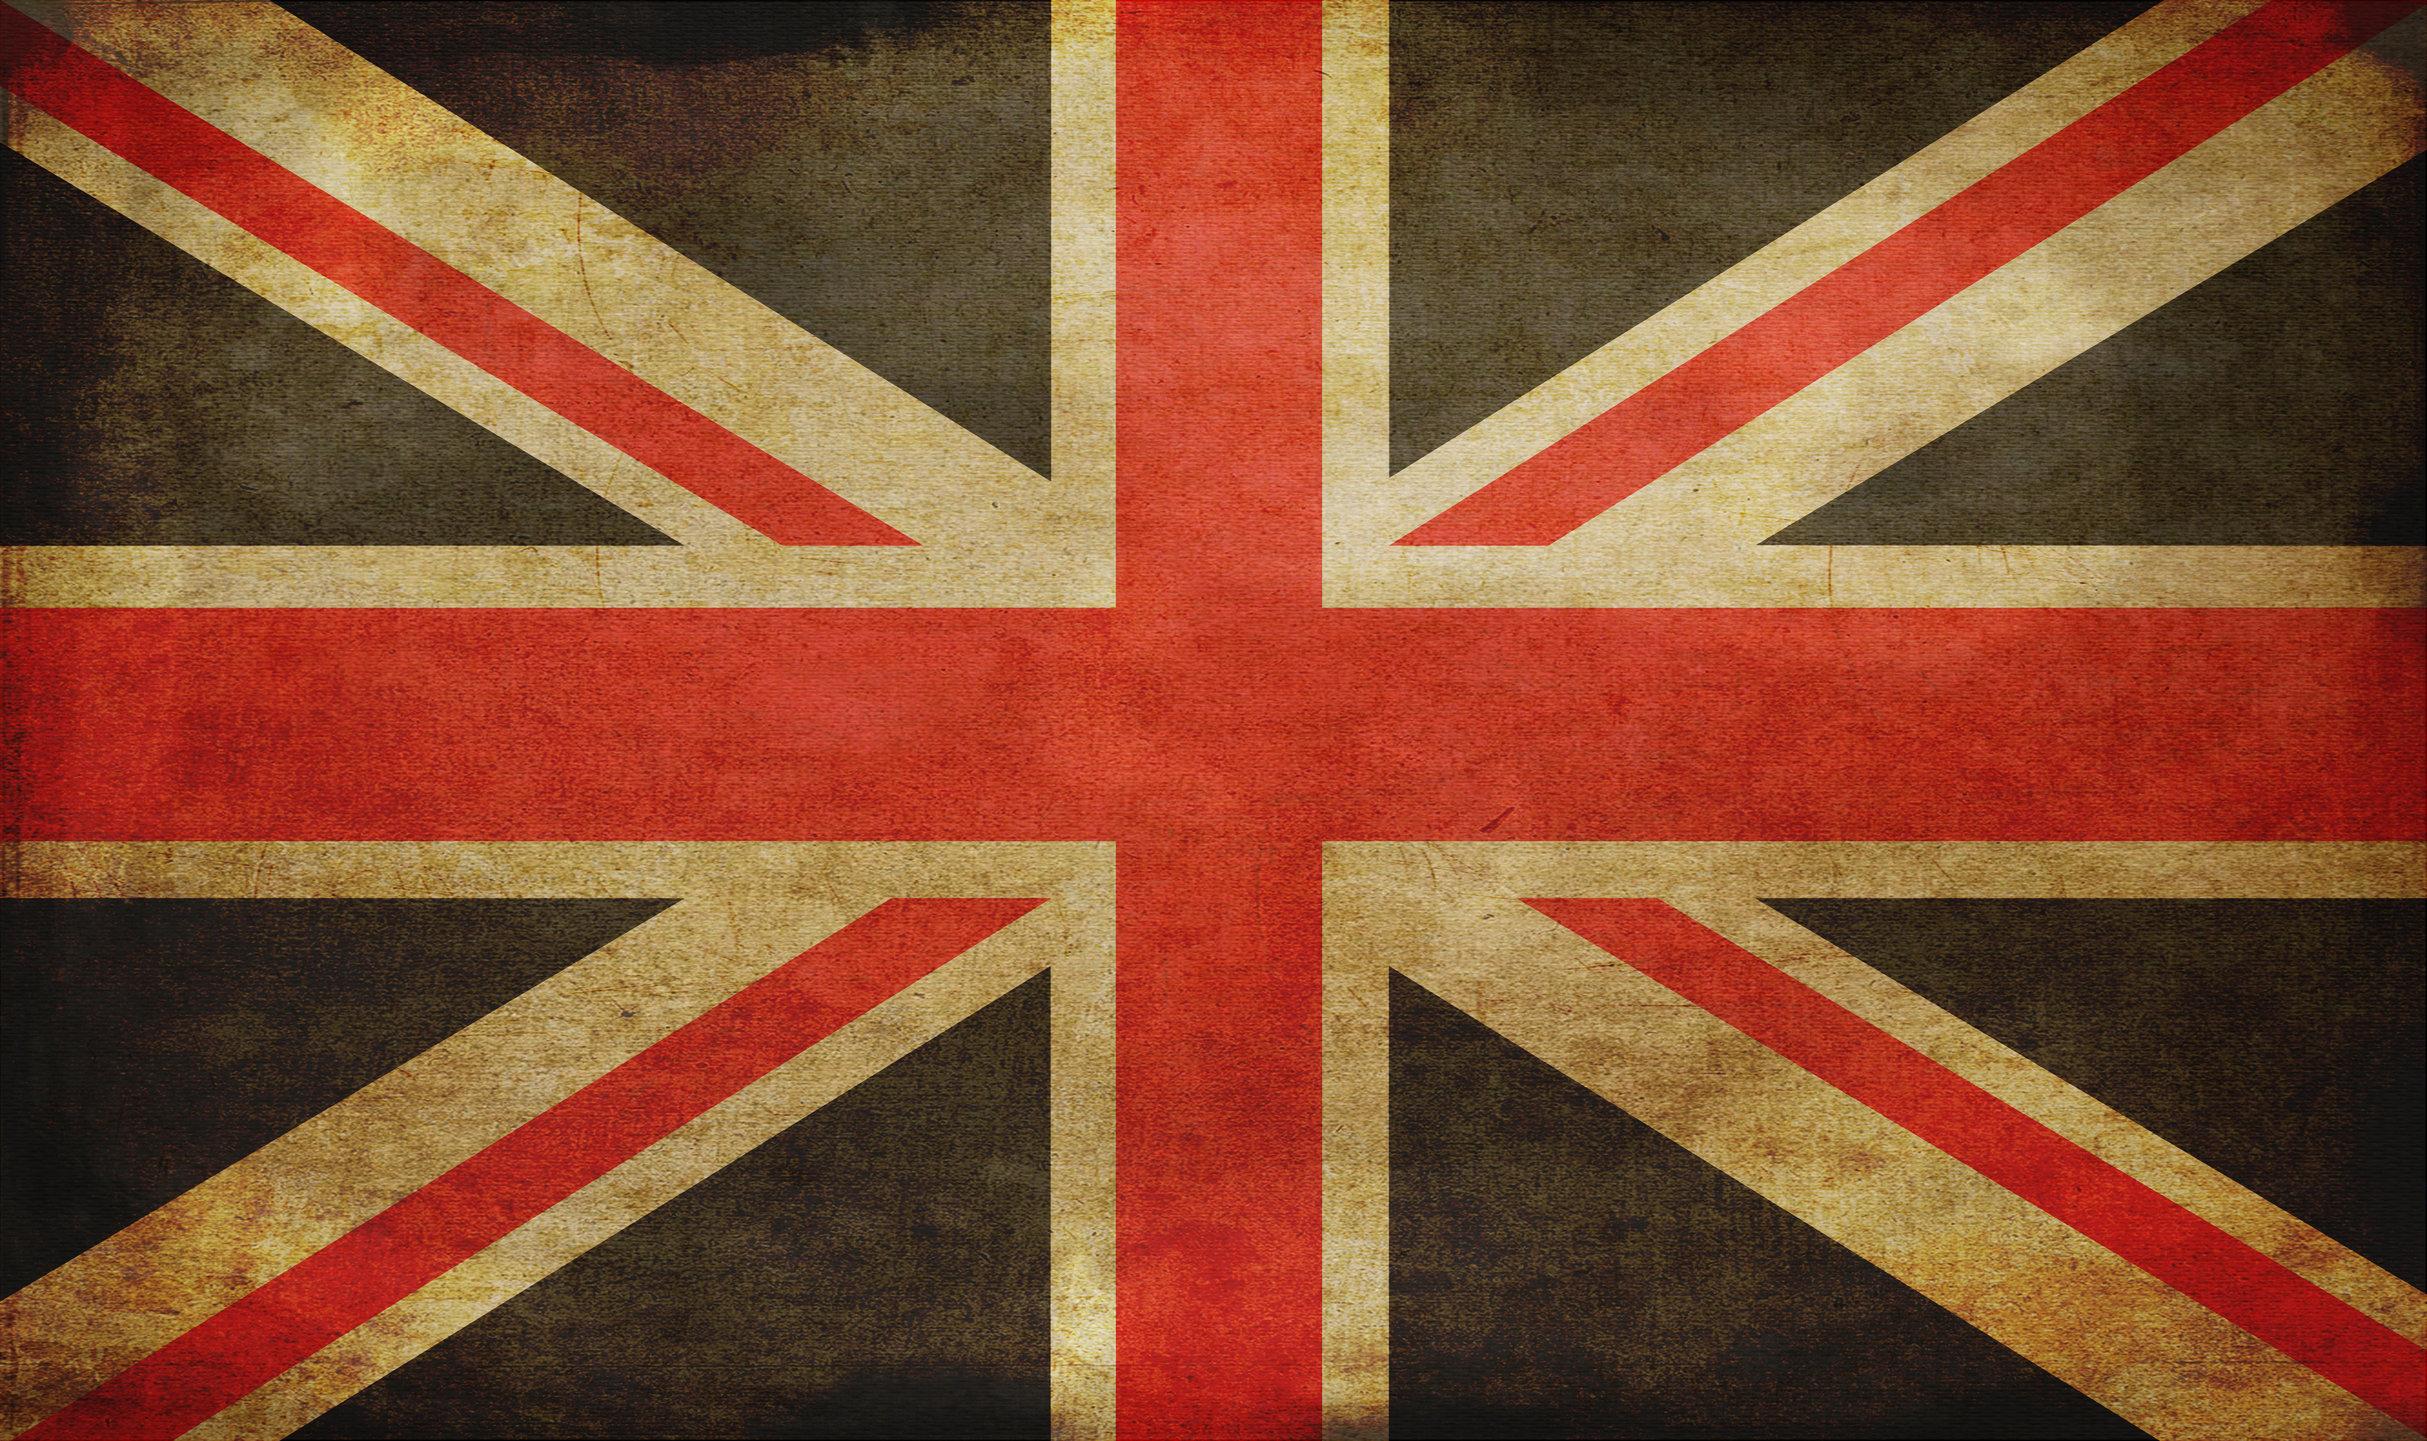 Great Britain - Grunge by tonemapped on DeviantArt